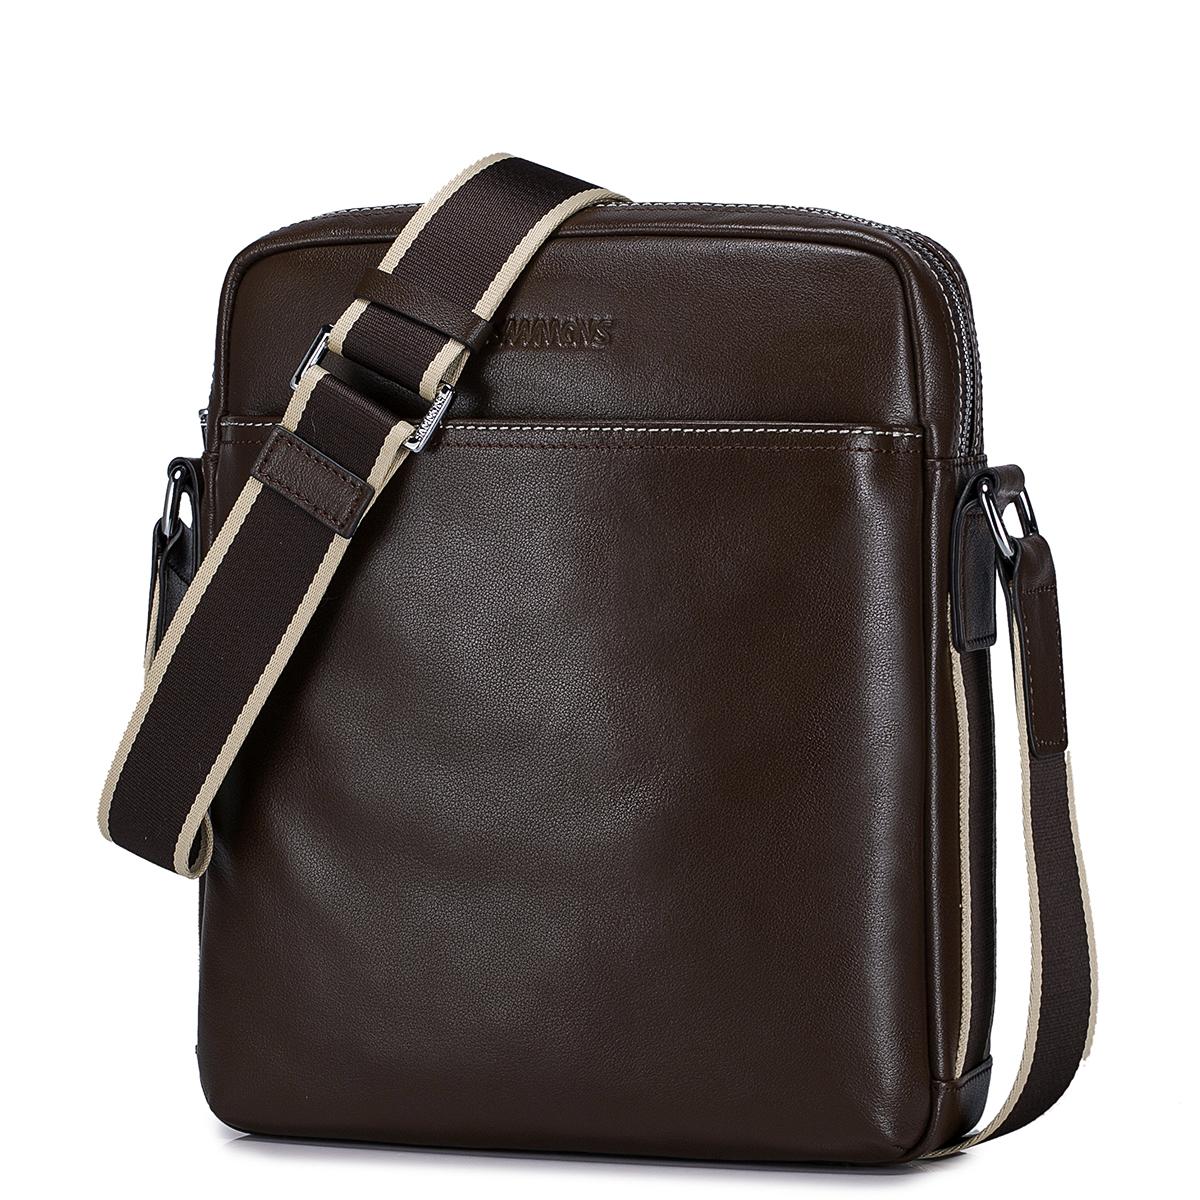 Pánská taška přes rameno Sammons hnědá s pruhem